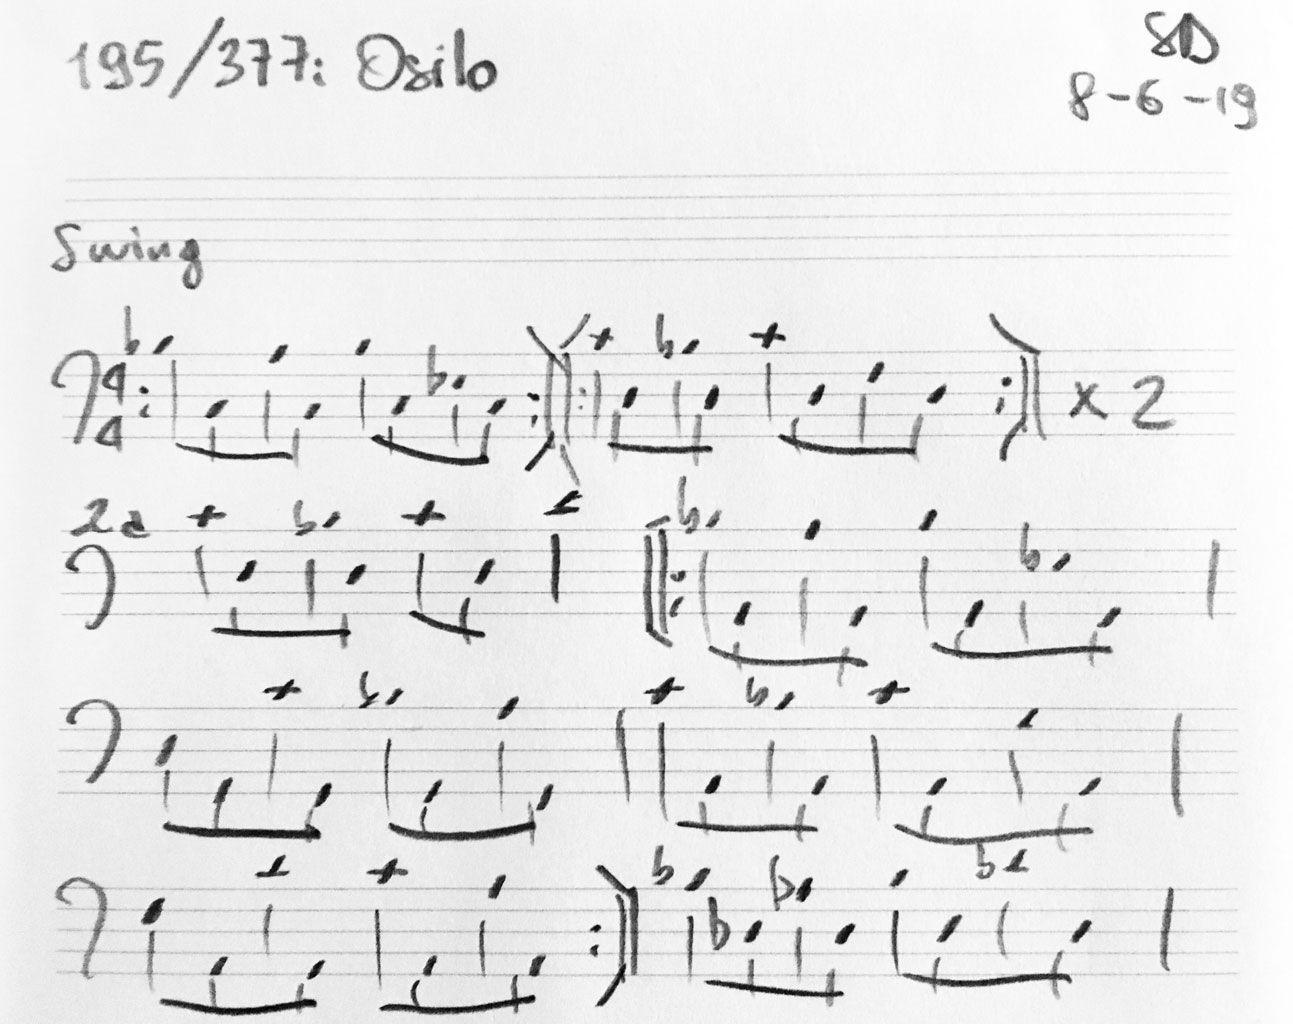 195-Osilo-score